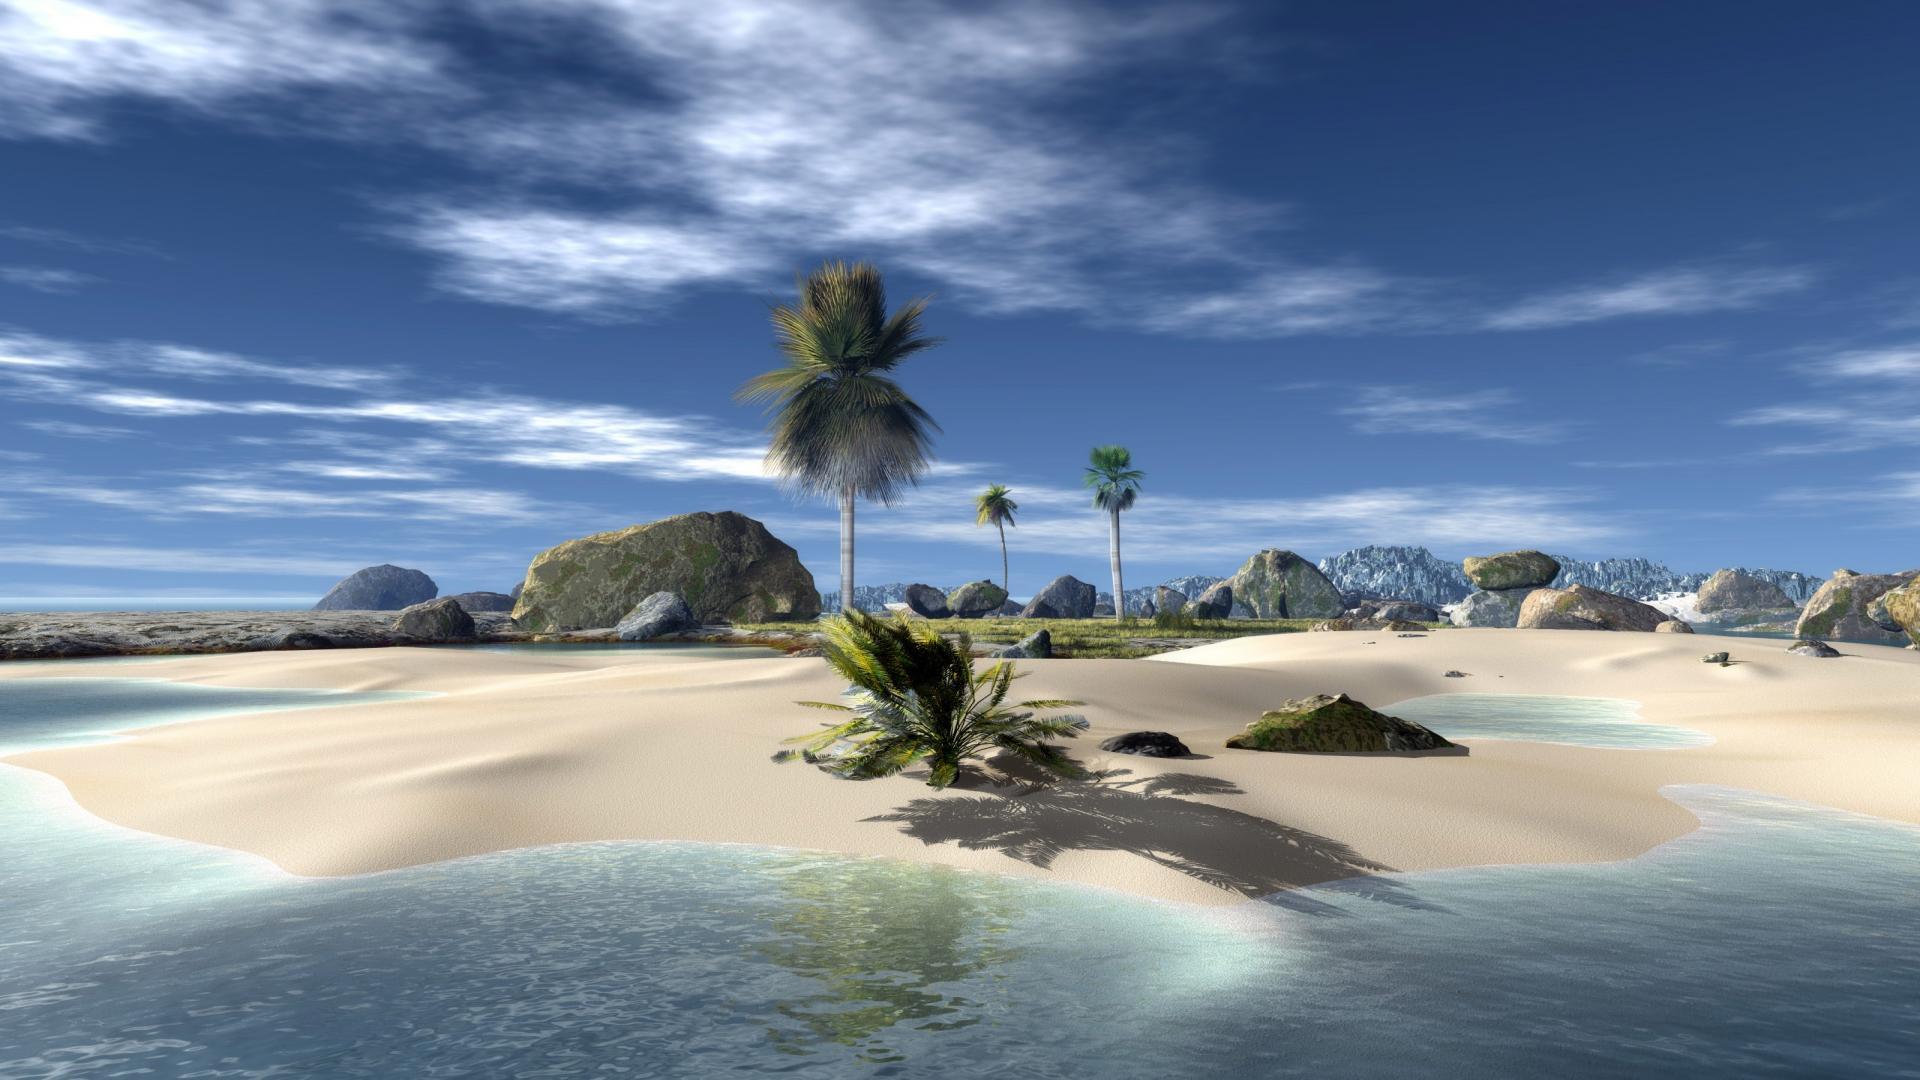 3D Beach HD Wallpapers 1920x1080 Beach Wallpapers 1920x1080 Download 1920x1080